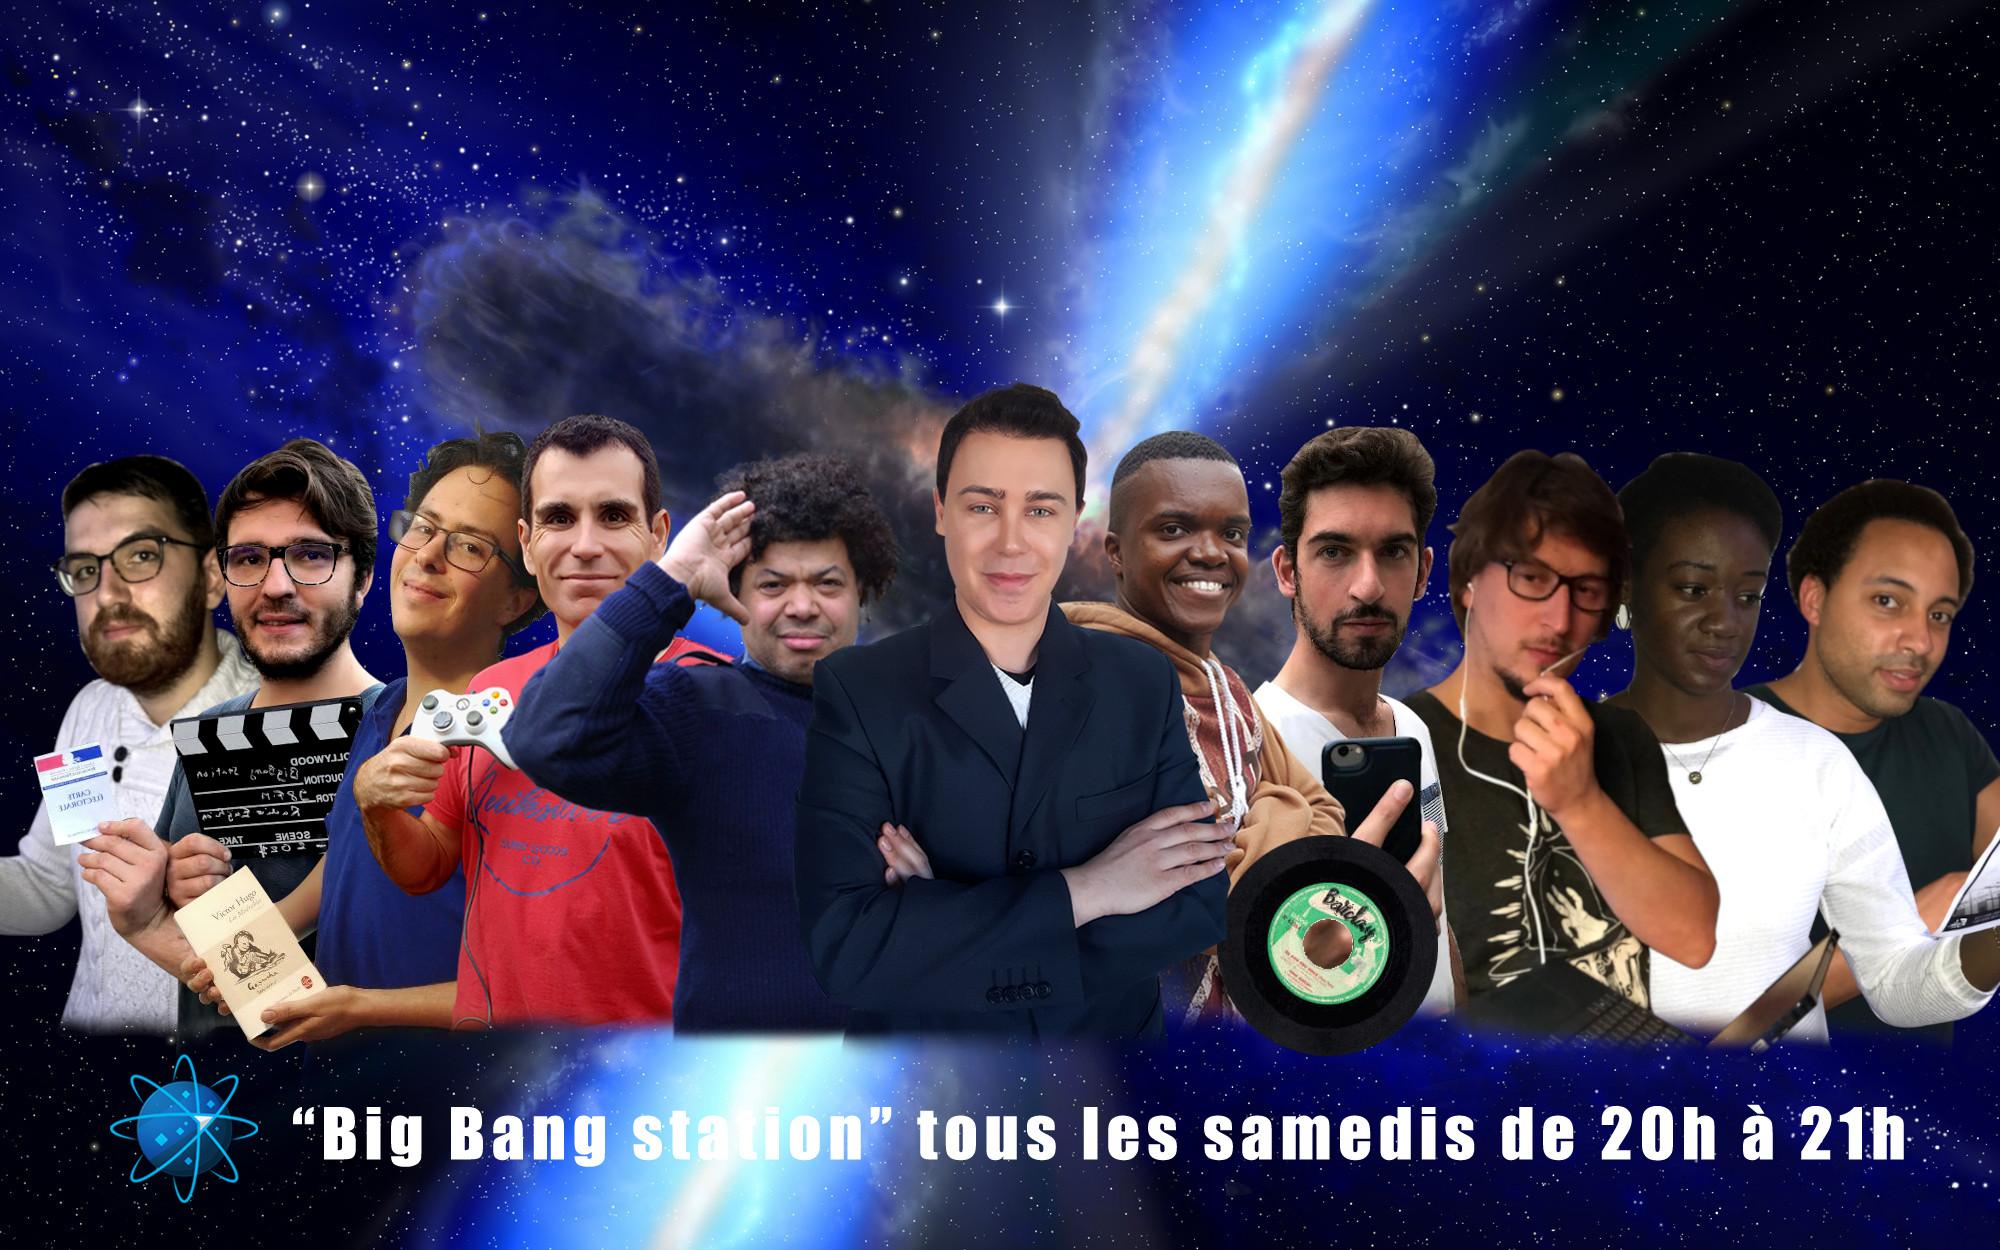 La dernière équipe : William, Ronan 2, Vincent, Olivier, Petit Manu, Didier, Kevin, PA, Stéphane, Elodie et Lio